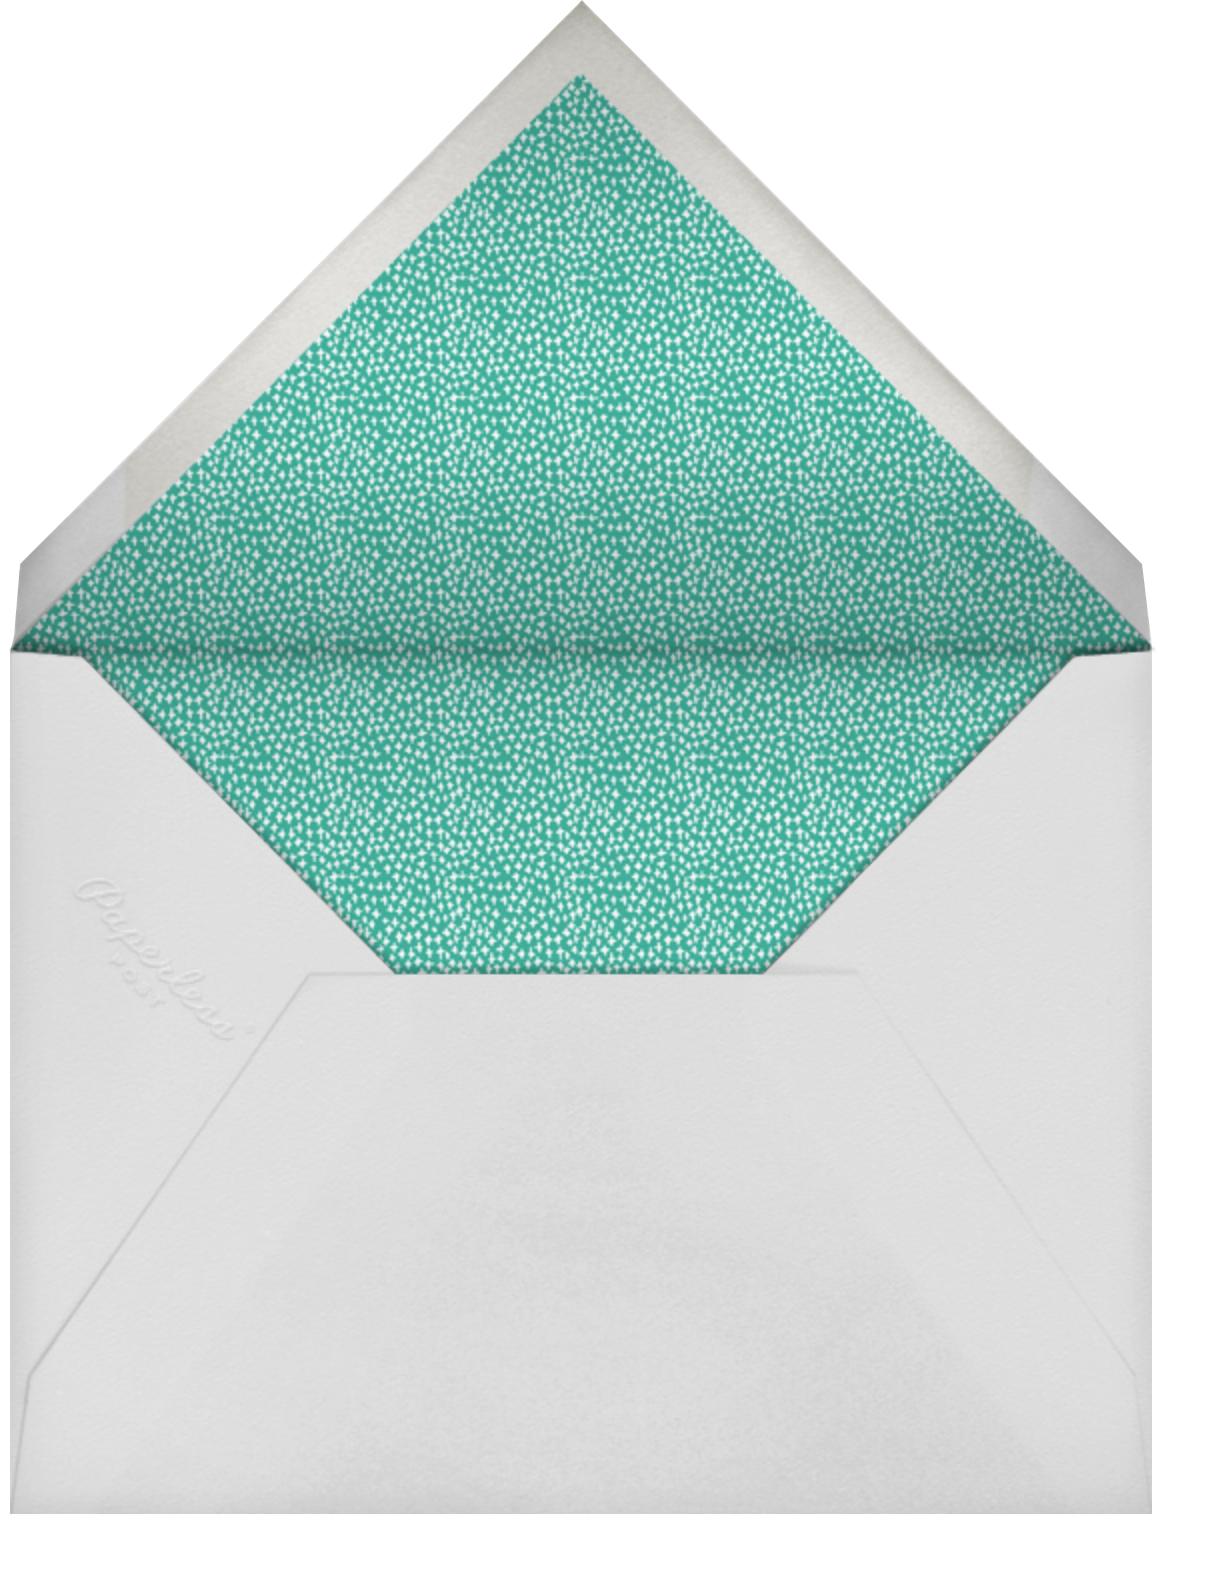 Pastel Caps - Mr. Boddington's Studio - Graduation - envelope back